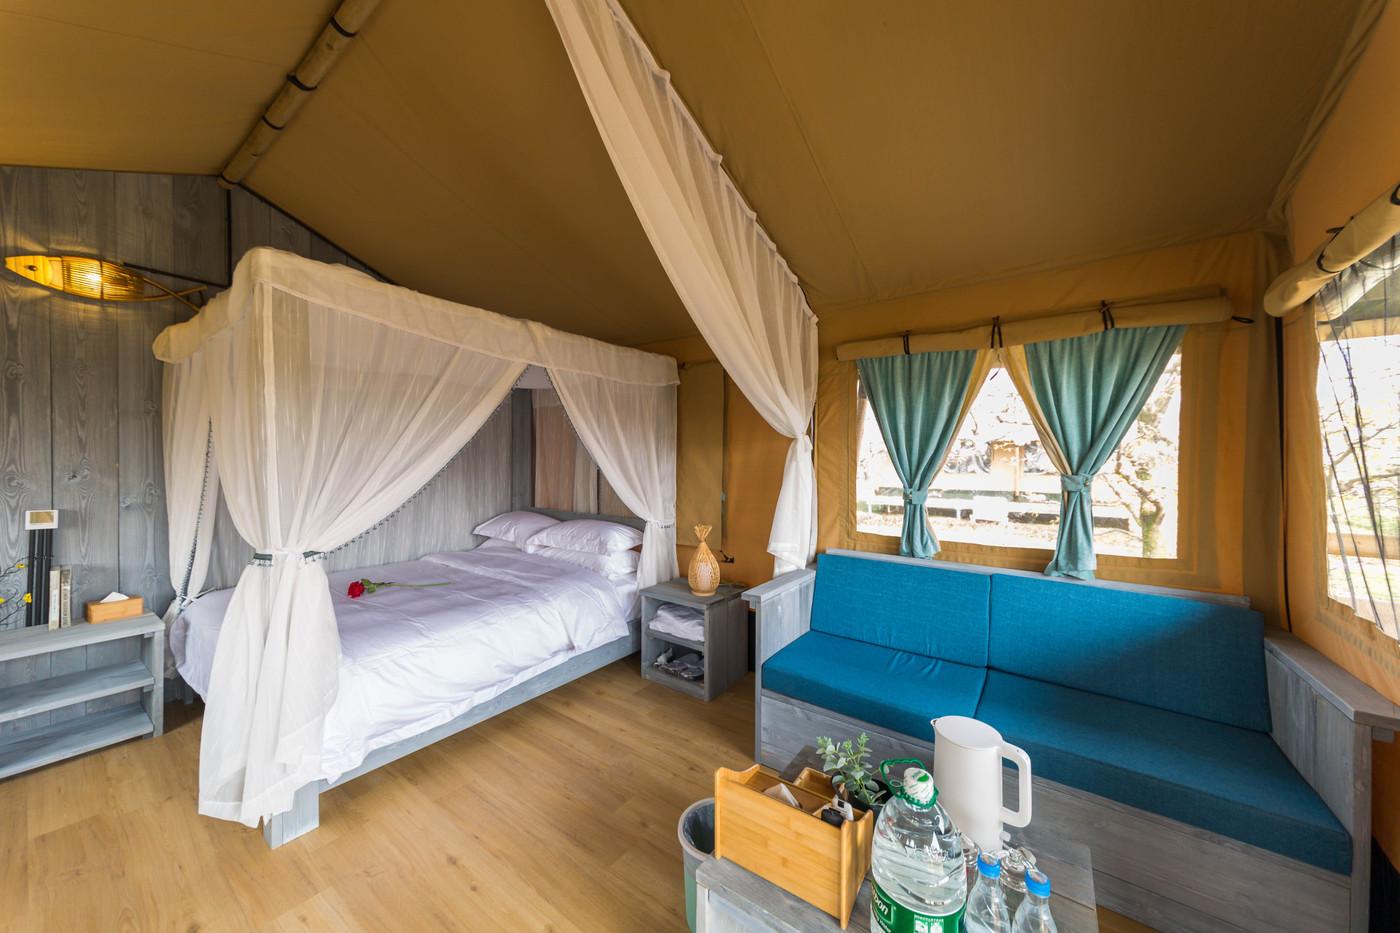 喜马拉雅野奢帐篷酒店—安徽砀山东篱蓬芦梨园帐篷酒店17